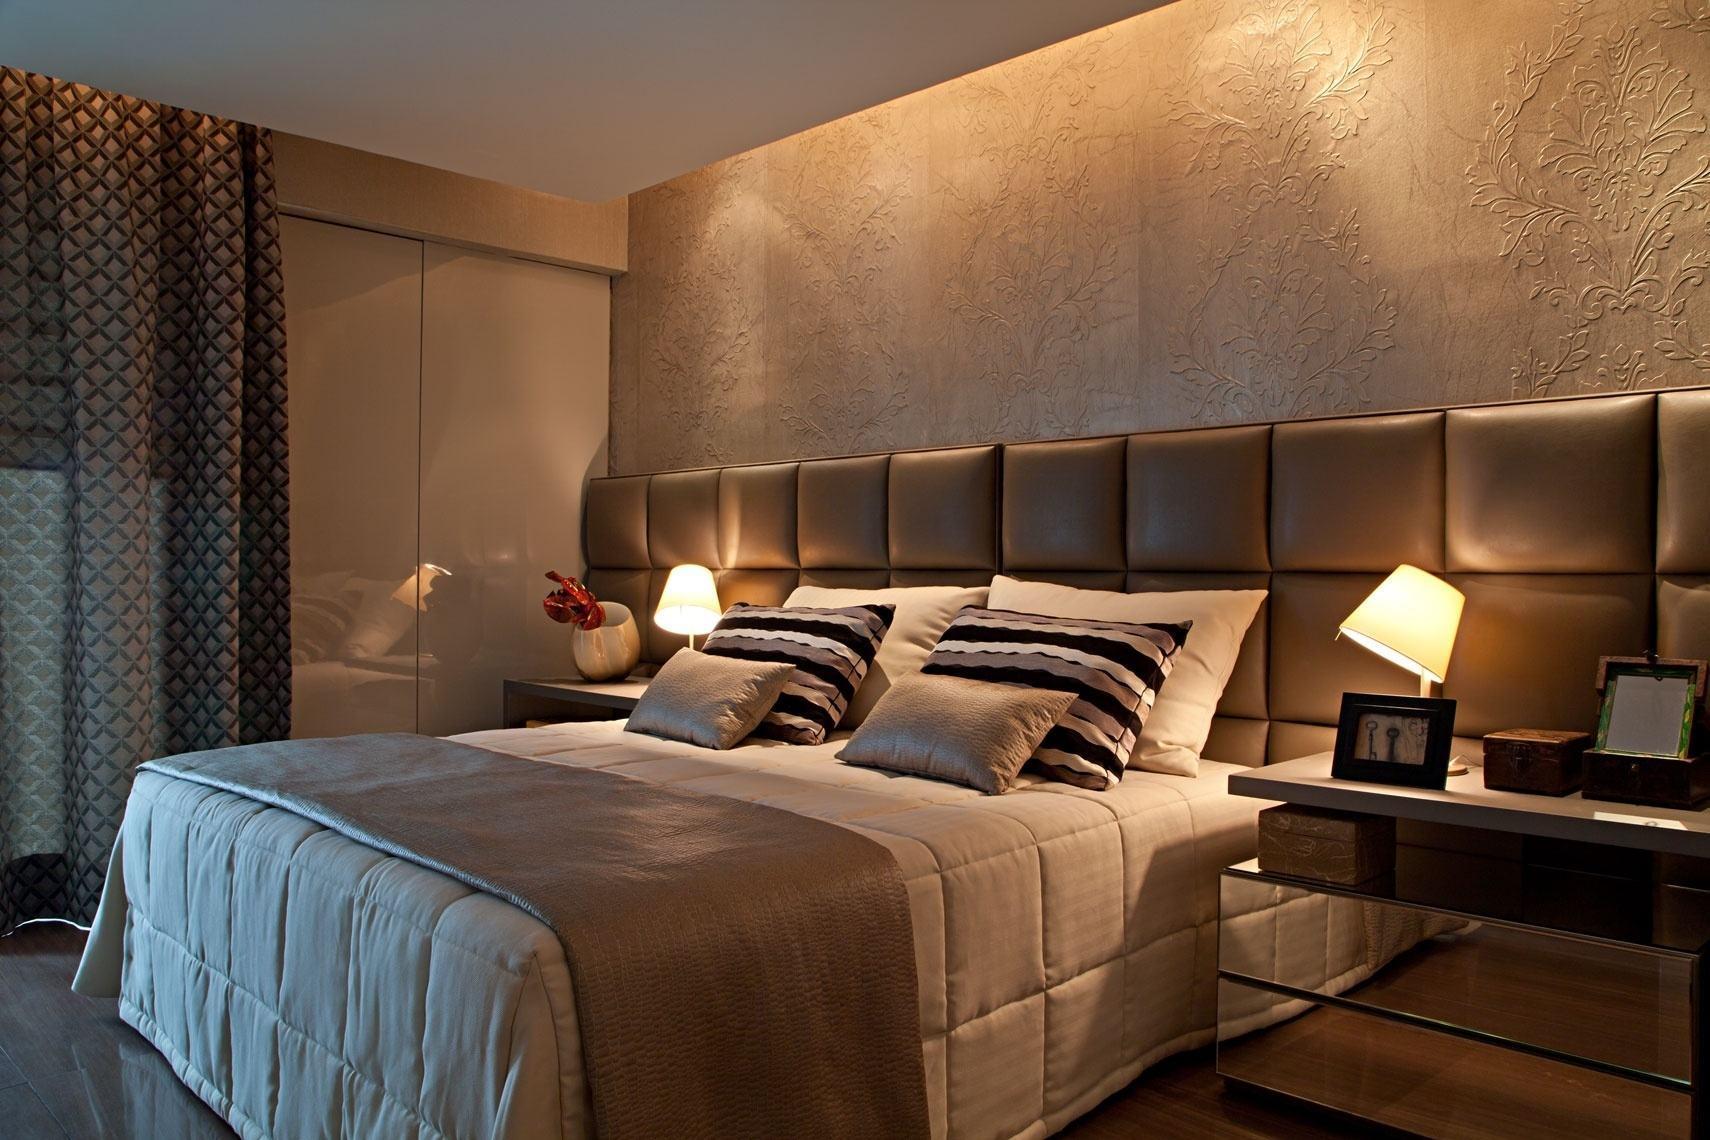 60 cabeceiras de cama estofadas modelos fotos for Modelos de cama